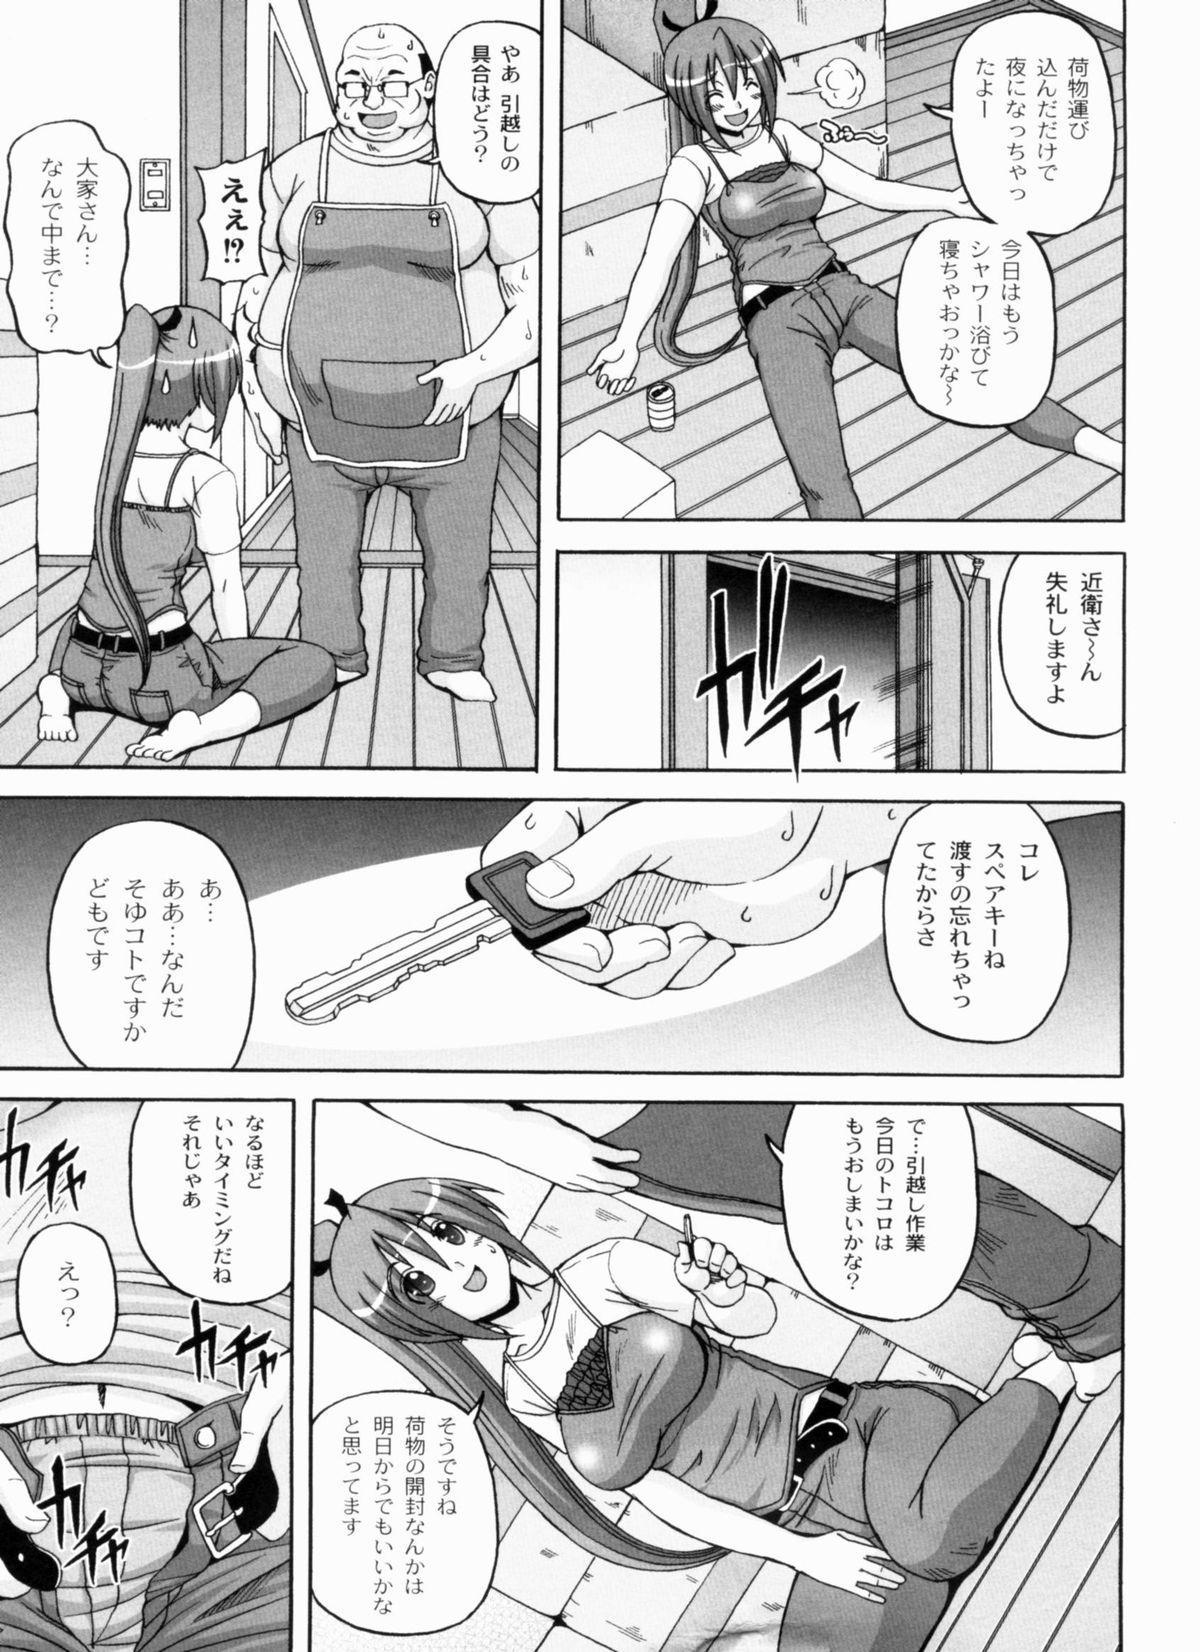 Ayaka no Kyouyuu Seikatsu 10